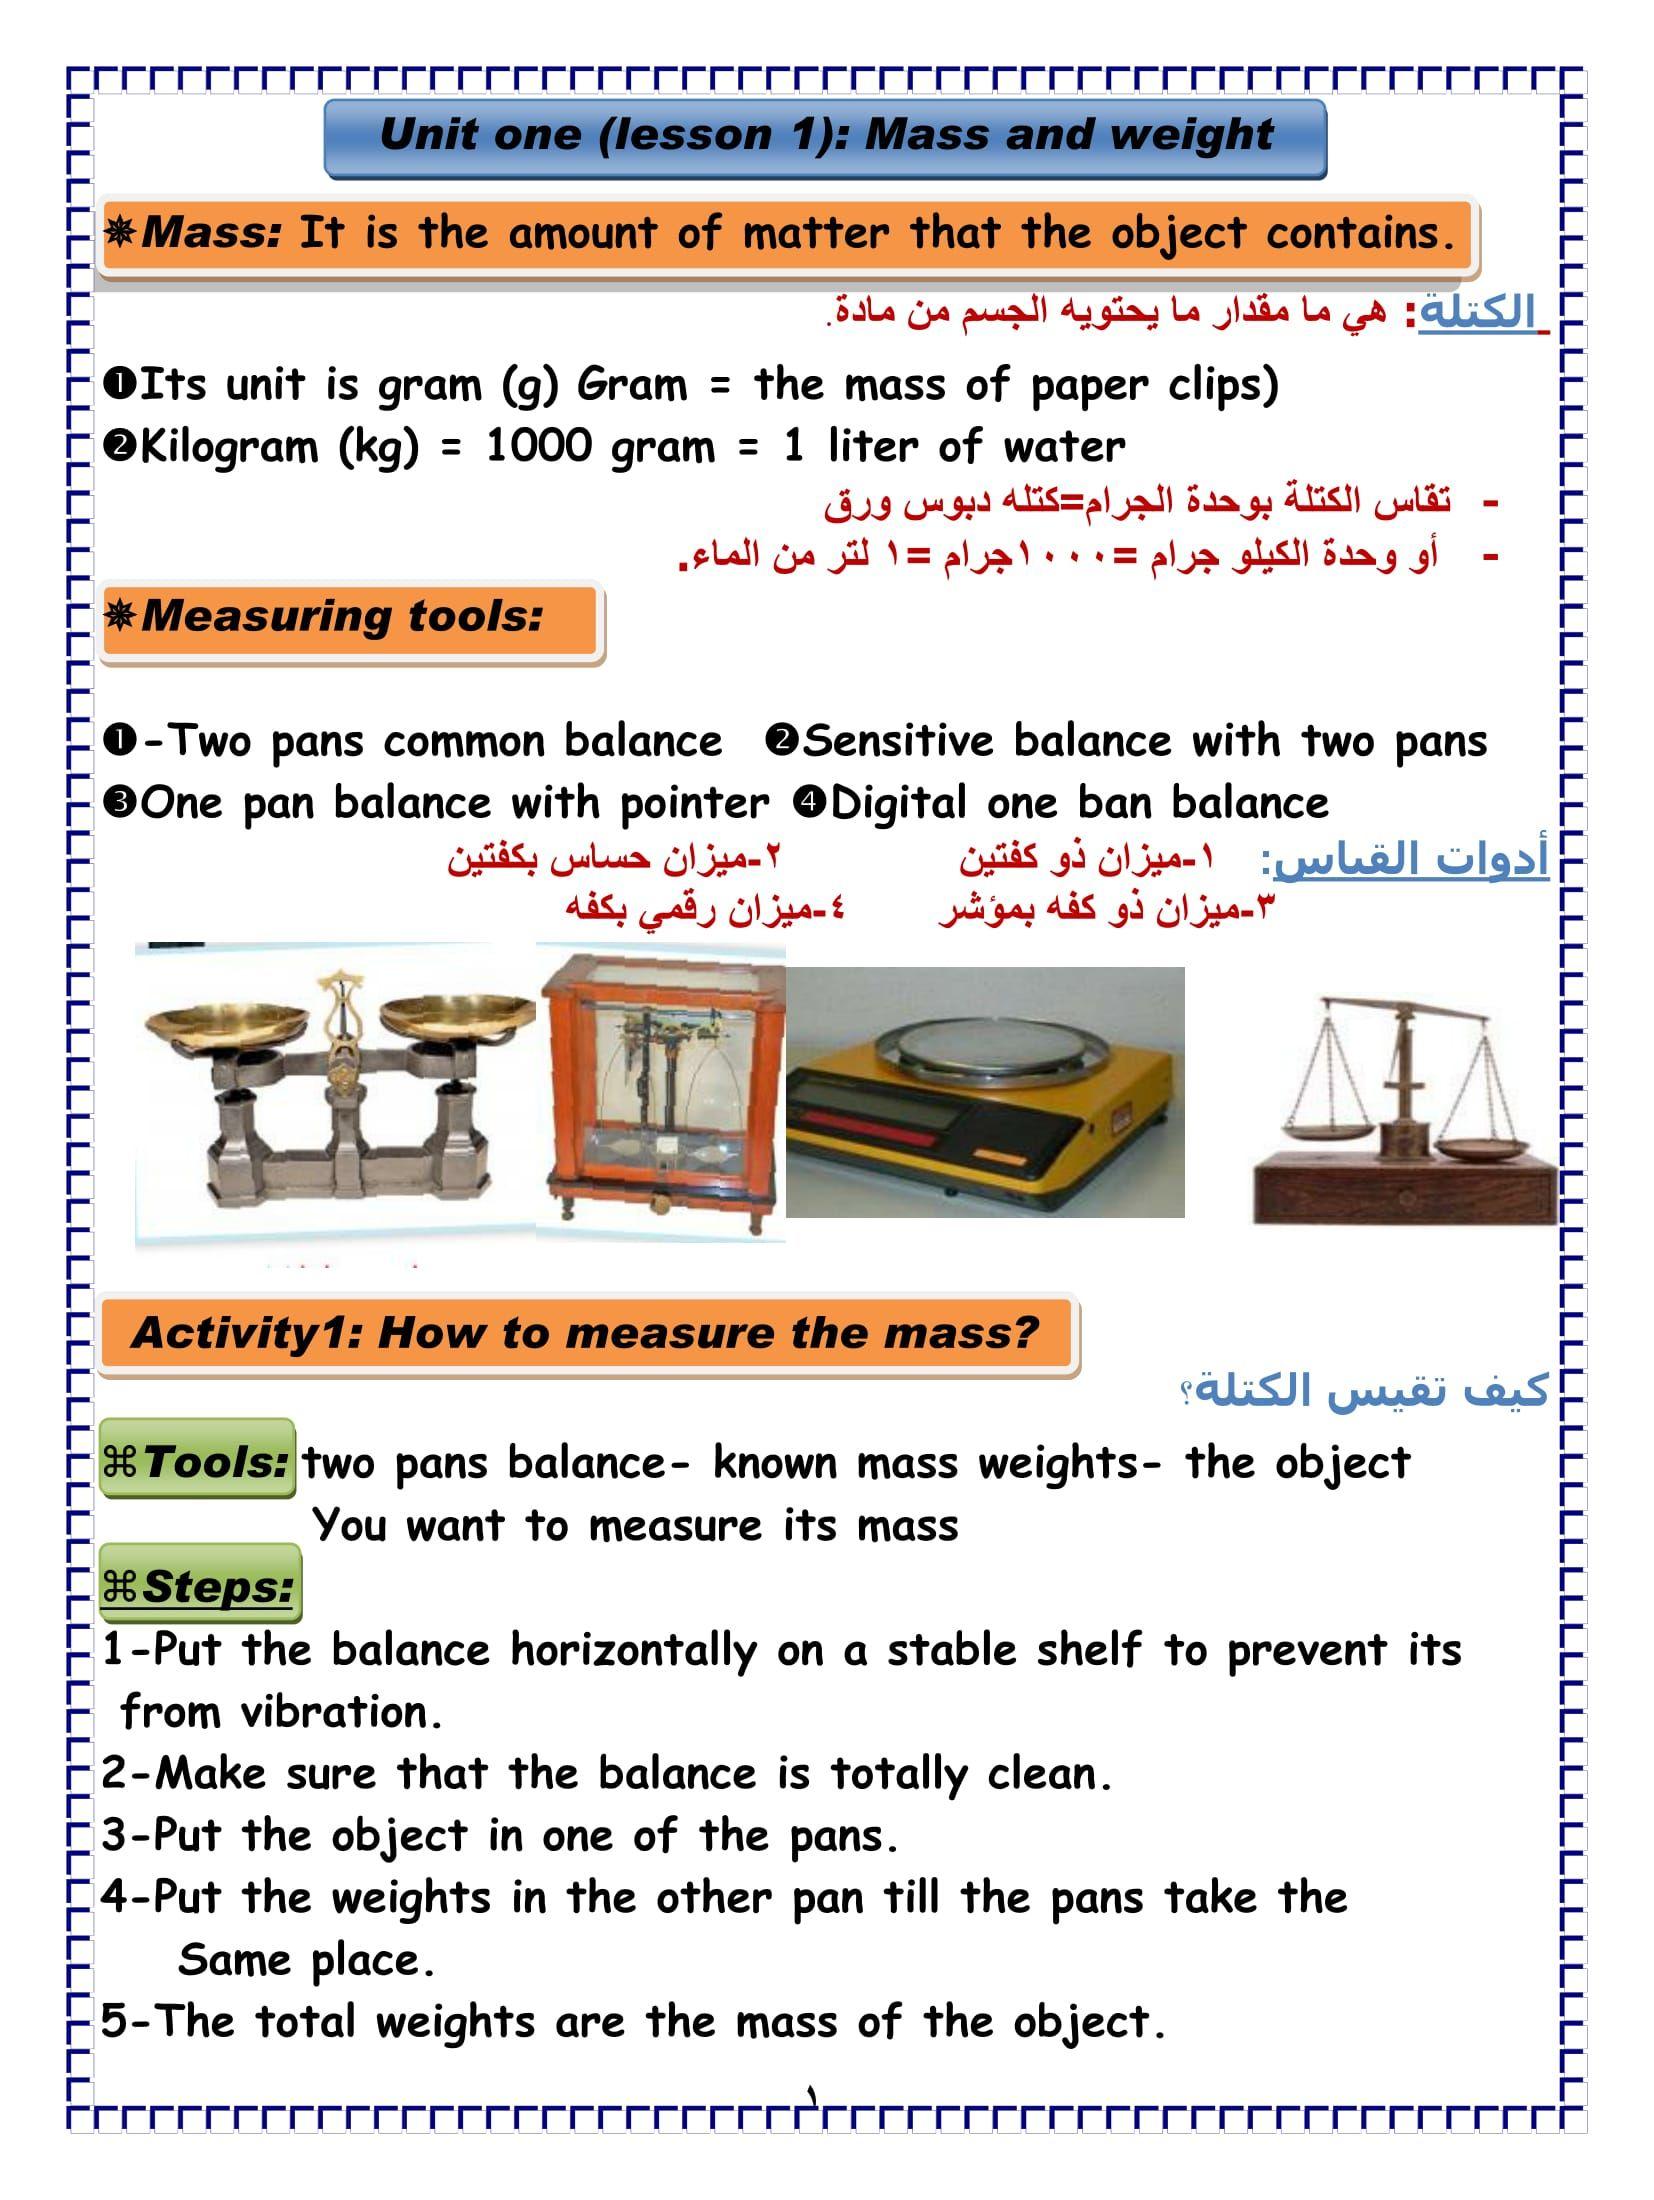 مذكرة شرح بالالوان مترجمه فى Science للصف السادس الابتدائى اللغات الترم الاول Measuring Tools Lesson The Unit